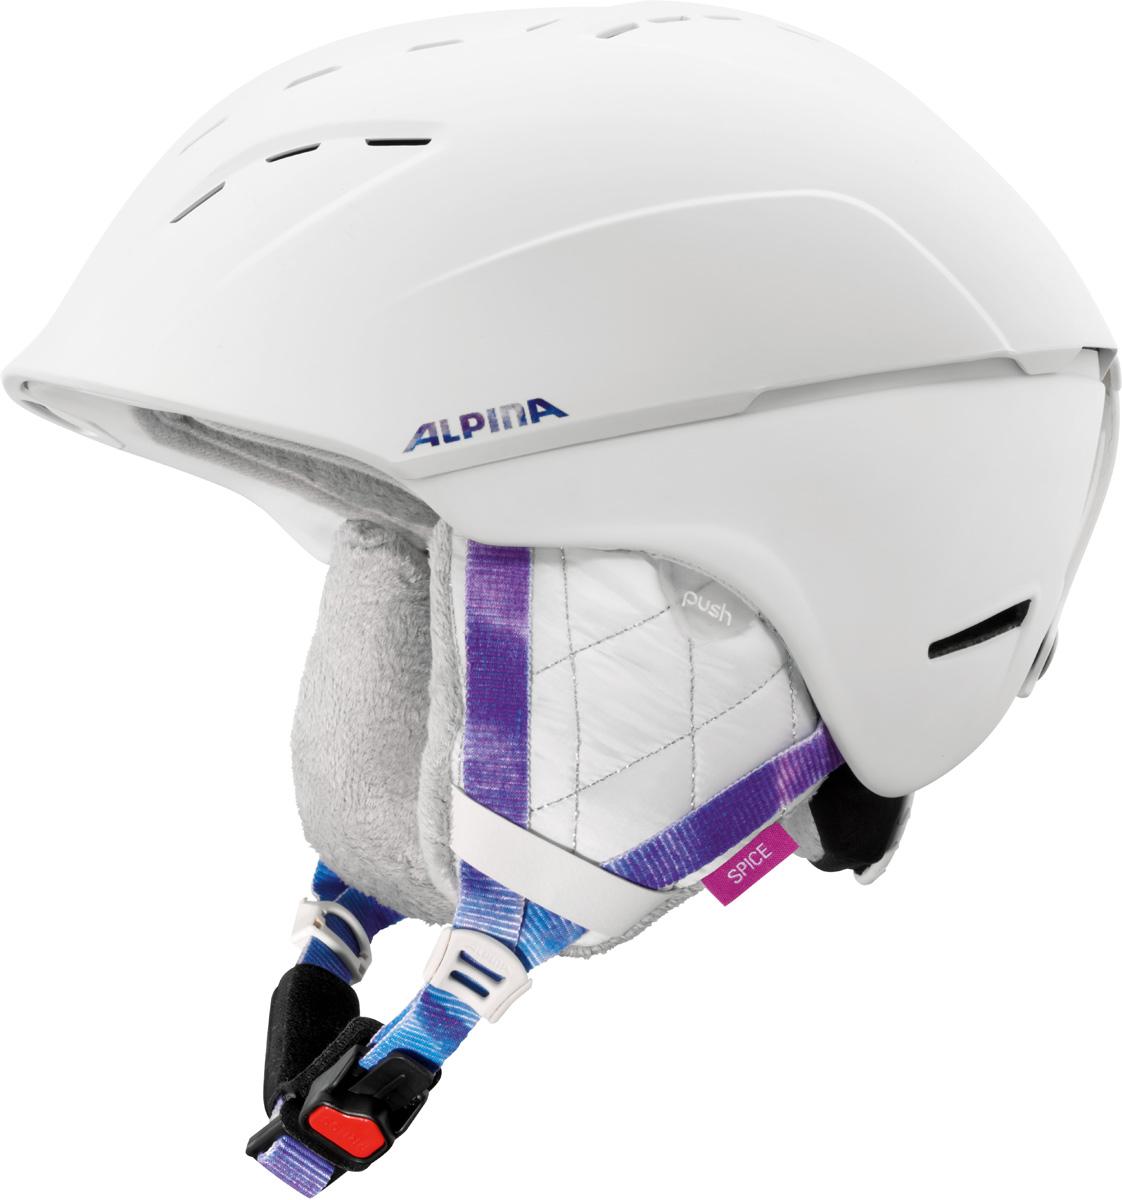 Шлем горнолыжный Alpina SPICE white-periwinkle matt. Размер 55-59A9067_14Благодаря применяемым технологиям, этот шлем исключительно удобен при ношении и имеет отличную вентиляцию. Размеры: 52-61 см. Технологии:Hybrid - Нижняя часть шлема состоит из легкого Inmold, что обеспечивает хорошую амортизацию. Верхняя часть - супер-прочный Hardshell.EDGE PROTECT – усиленная нижняя часть шлема, выполненная по технологии Inmold. Дополнительная защита при боковых ударах. RUN SYSTEM – простая система настройки шлема, позволяющая добиться надежной фиксации.AIRSTREAM CONTROL – регулируемые воздушные клапана для полного контроля внутренней вентиляции. REMOVABLE EARPADS - съемные амбушюры добавляют чувства свободы во время катания в теплую погоду, не в ущерб безопасности. При падении температуры, амбушюры легко устанавливаются обратно на шлем.CHANGEABLE INTERIOR – съемная внутренняя часть. Допускается стирка в теплой мыльной воде.NECKWARMER – дополнительное утепление шеи. Изготовлено из мягкого флиса.3D FIT – ремень, позволяющий регулироваться затылочную часть шлема. Пять позиций позволят настроить идеальную посадку.